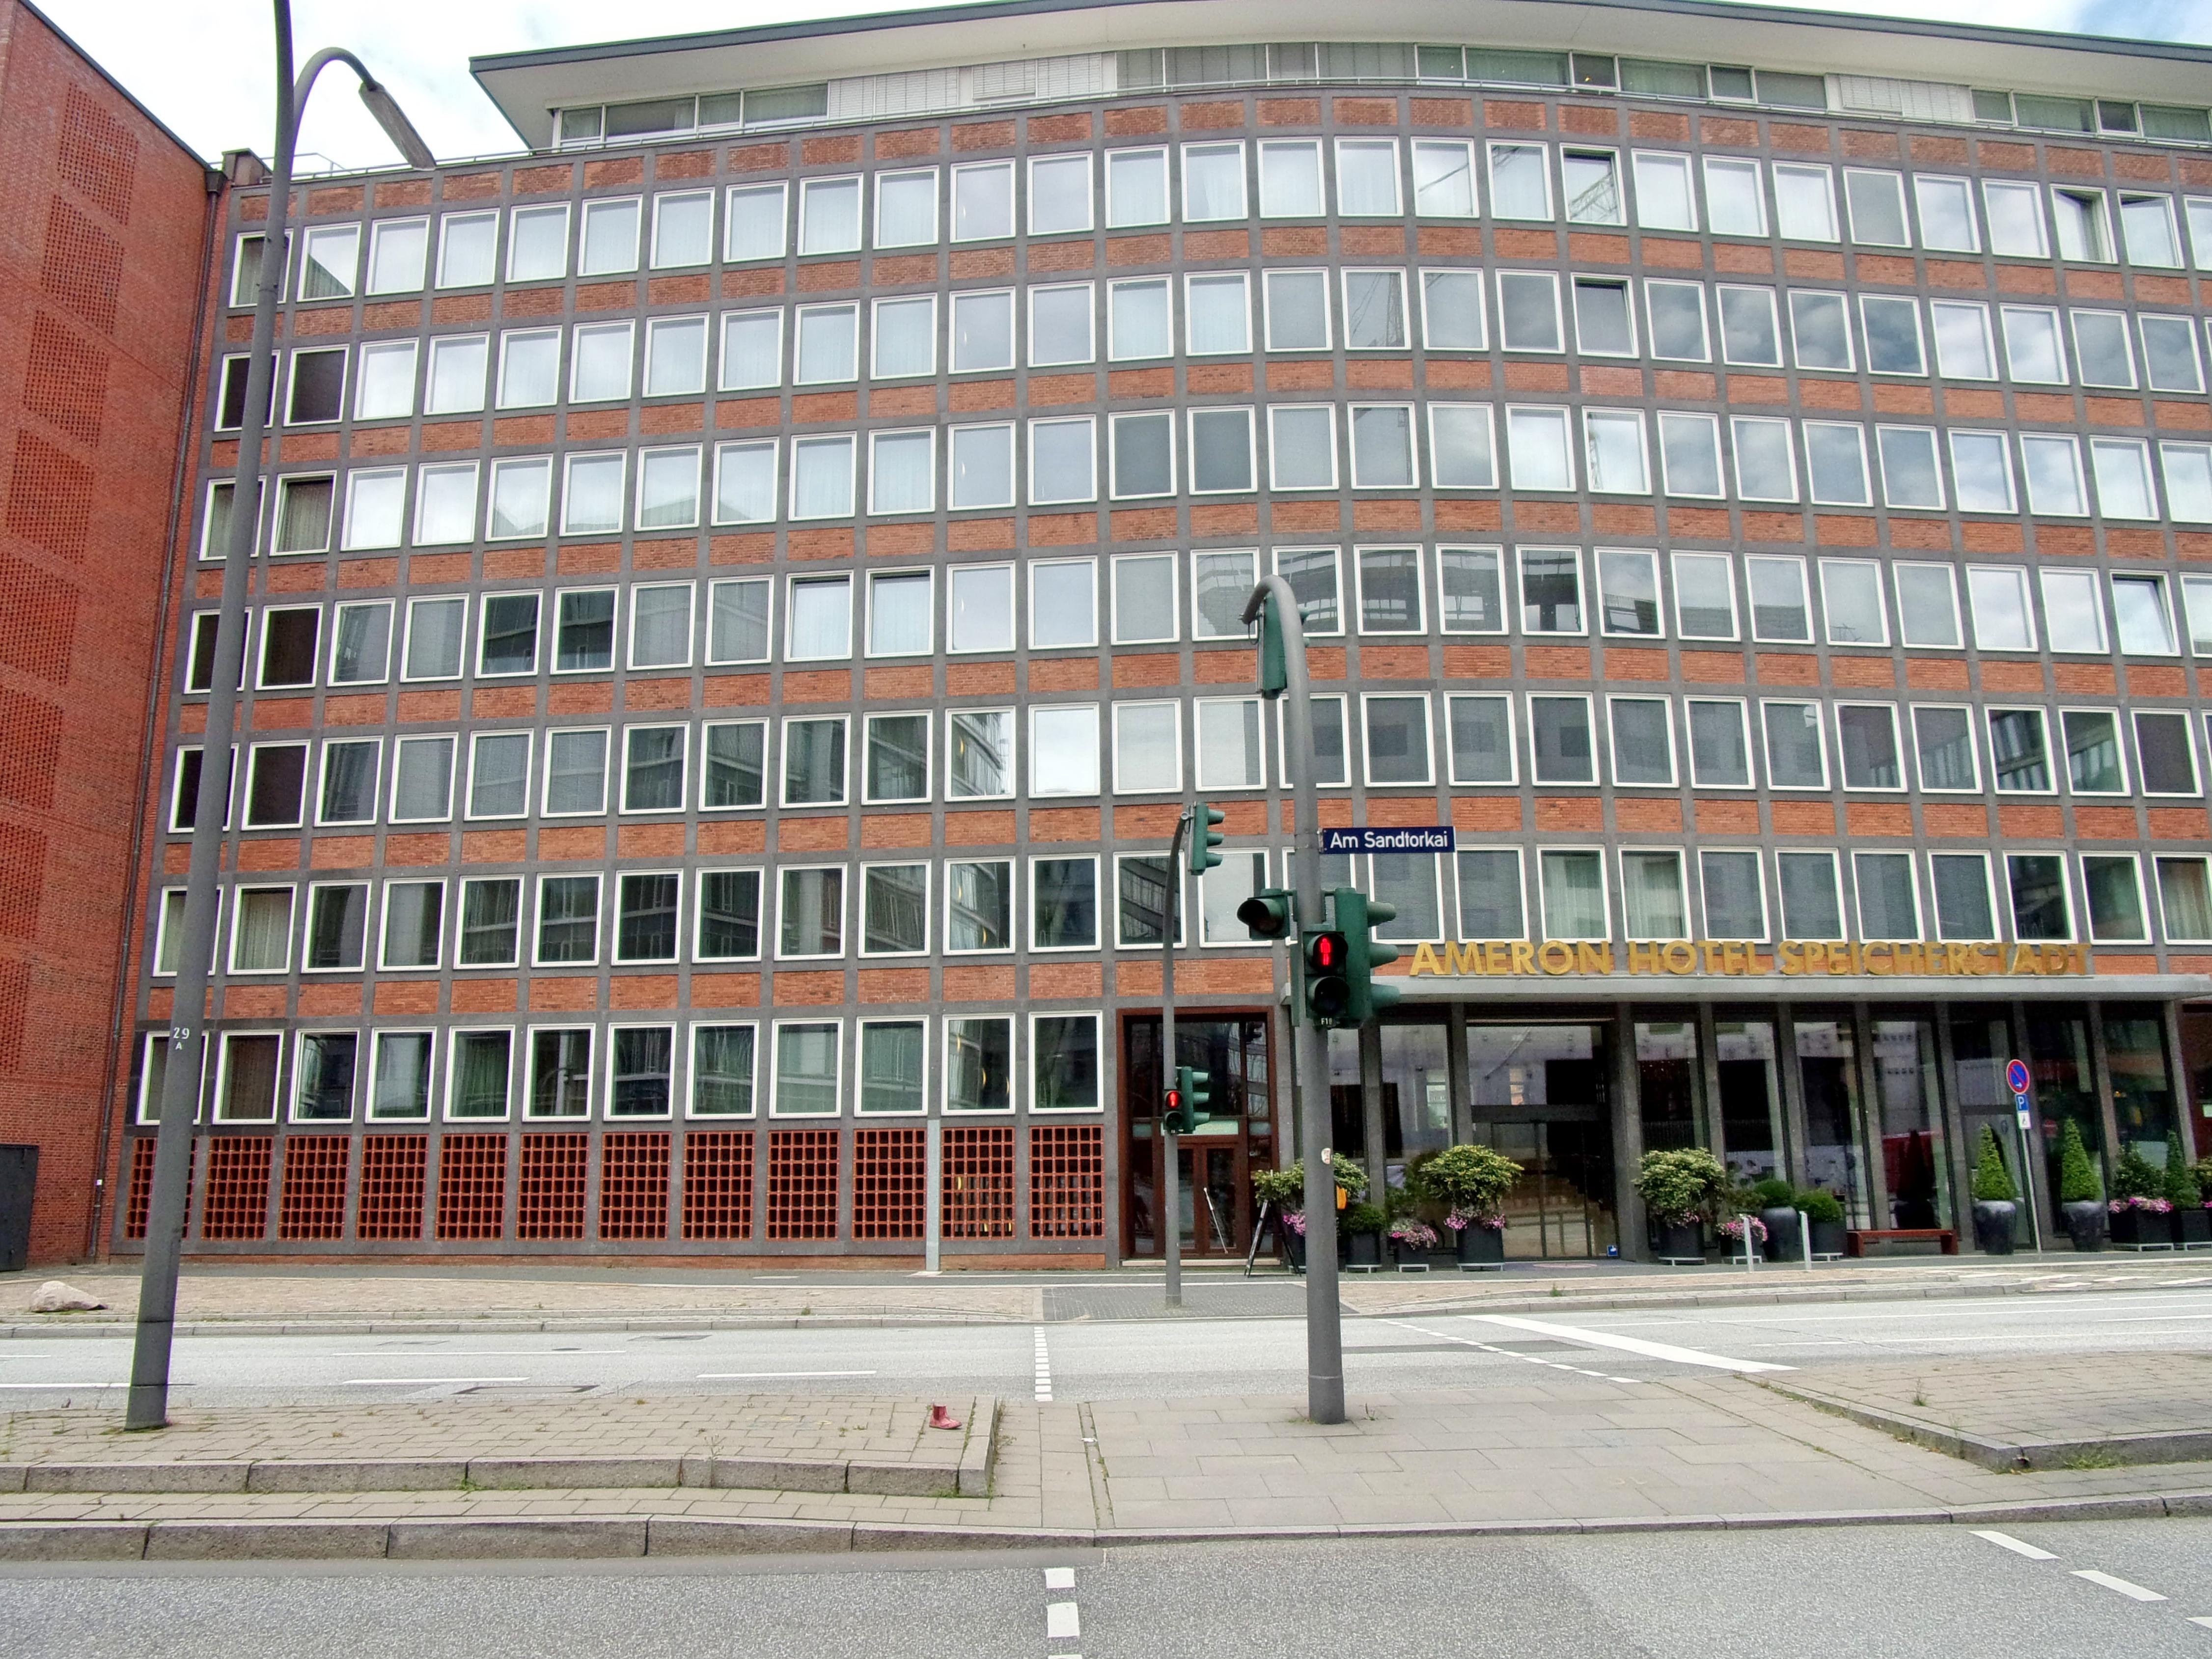 Datei:Am Sandtorkai 5 Ameron Hotel Speicherstadt.jpg – Wikipedia